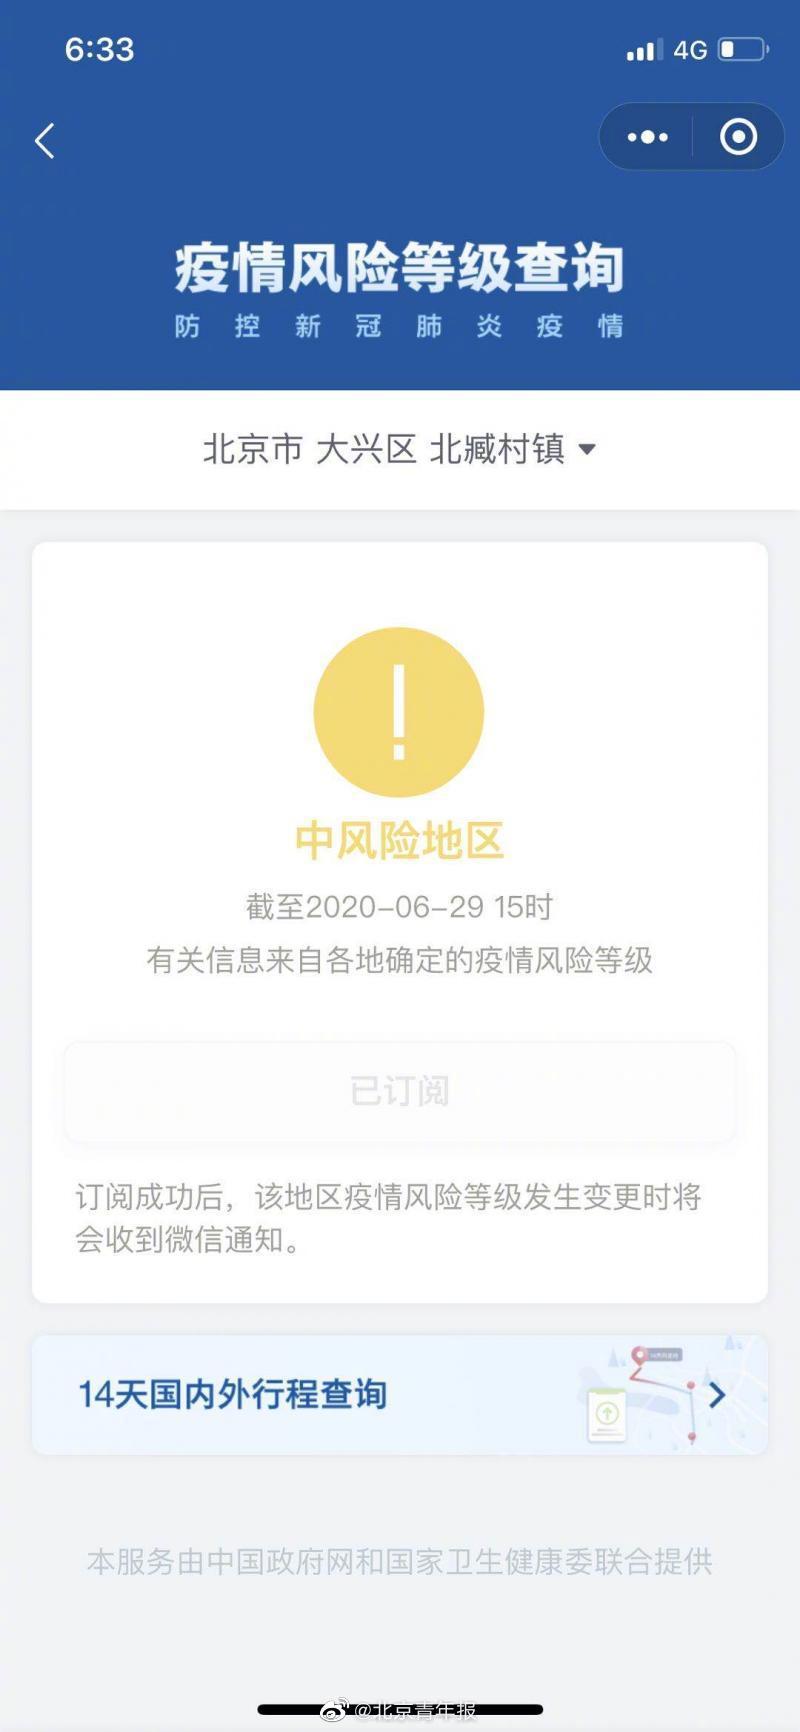 北京:大兴北臧村升级为中风险 大兴庞各庄、石景山八宝山、东城区天坛调降为低风险图片